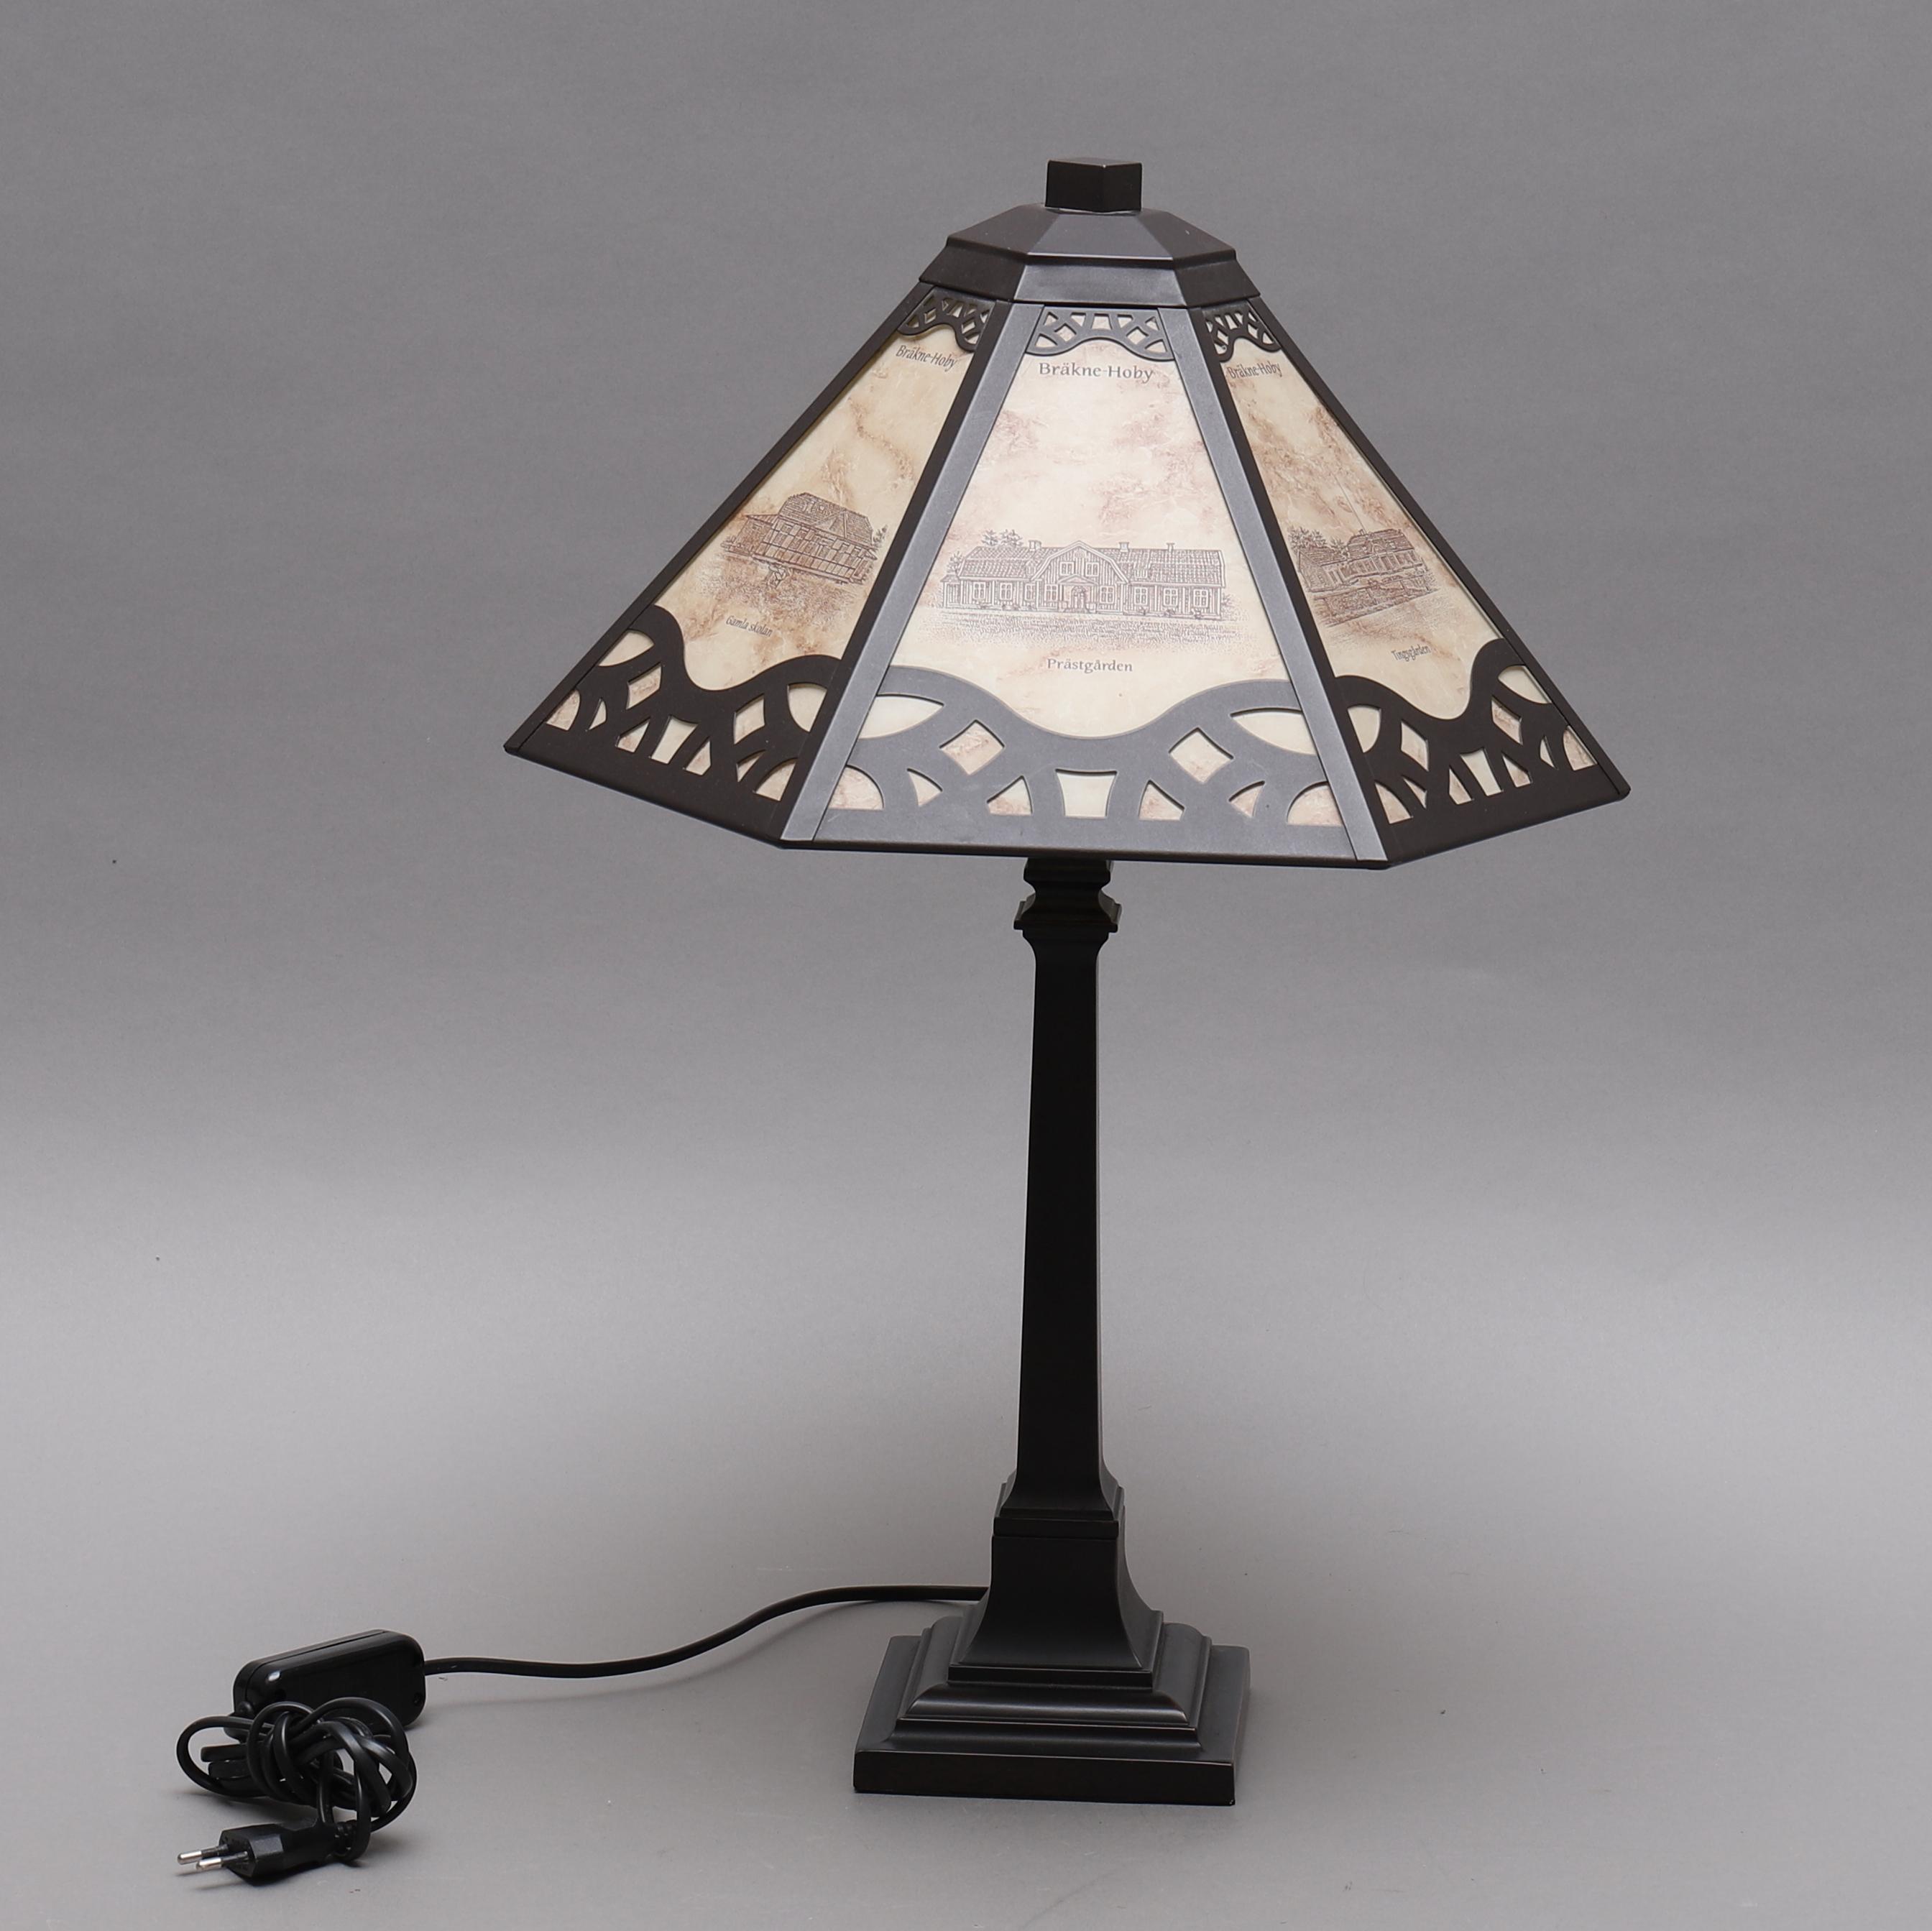 Bordslampa Metall Och Glas Bräkne Hoby Motiv Lighting